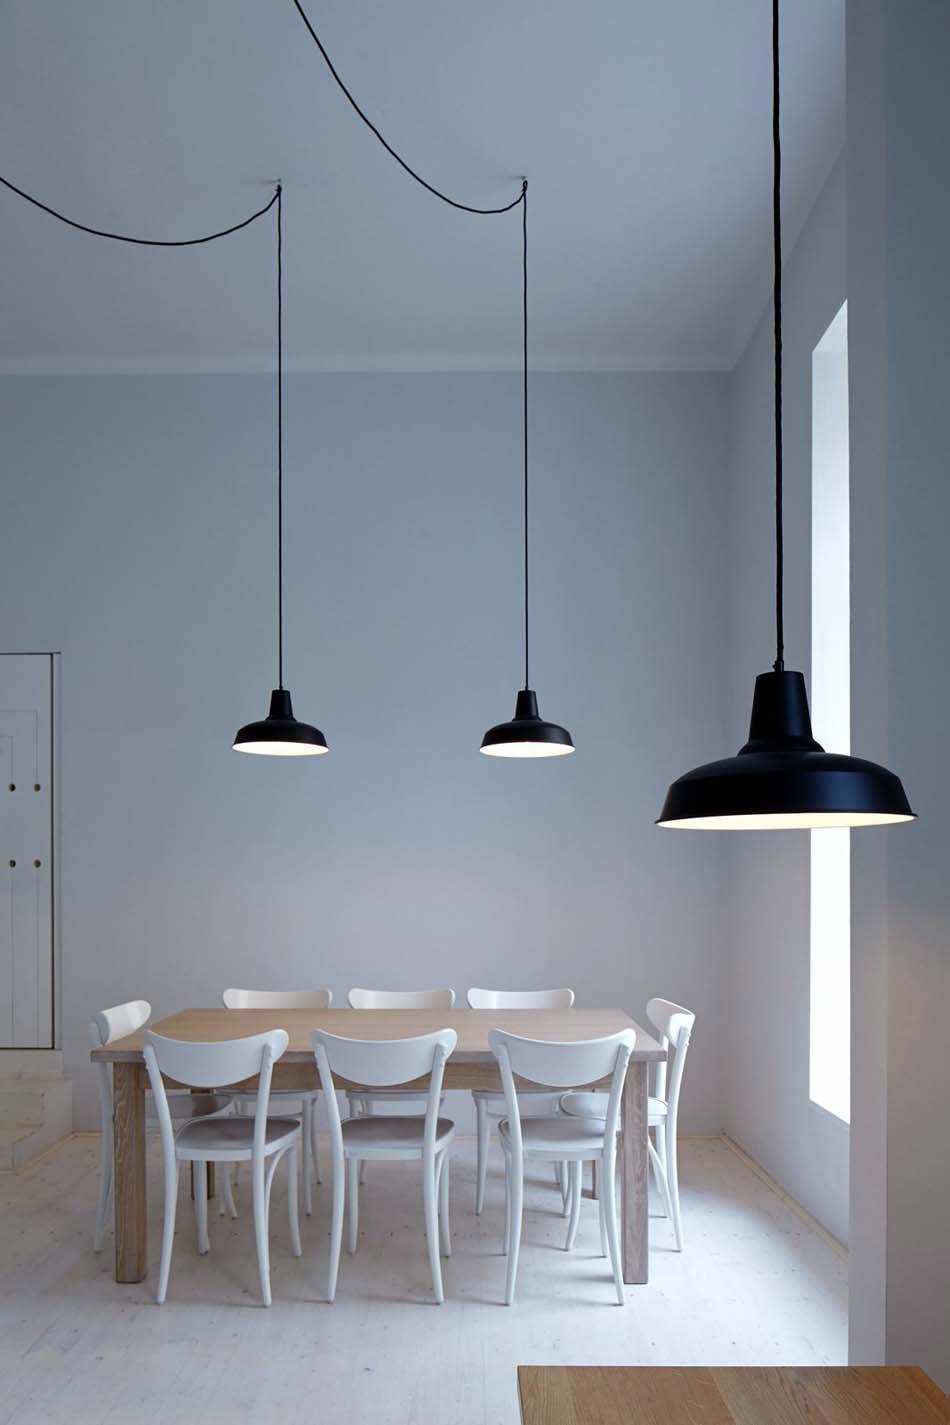 un bistro caf au concept design minimaliste et artistique au c ur de prague design feria. Black Bedroom Furniture Sets. Home Design Ideas